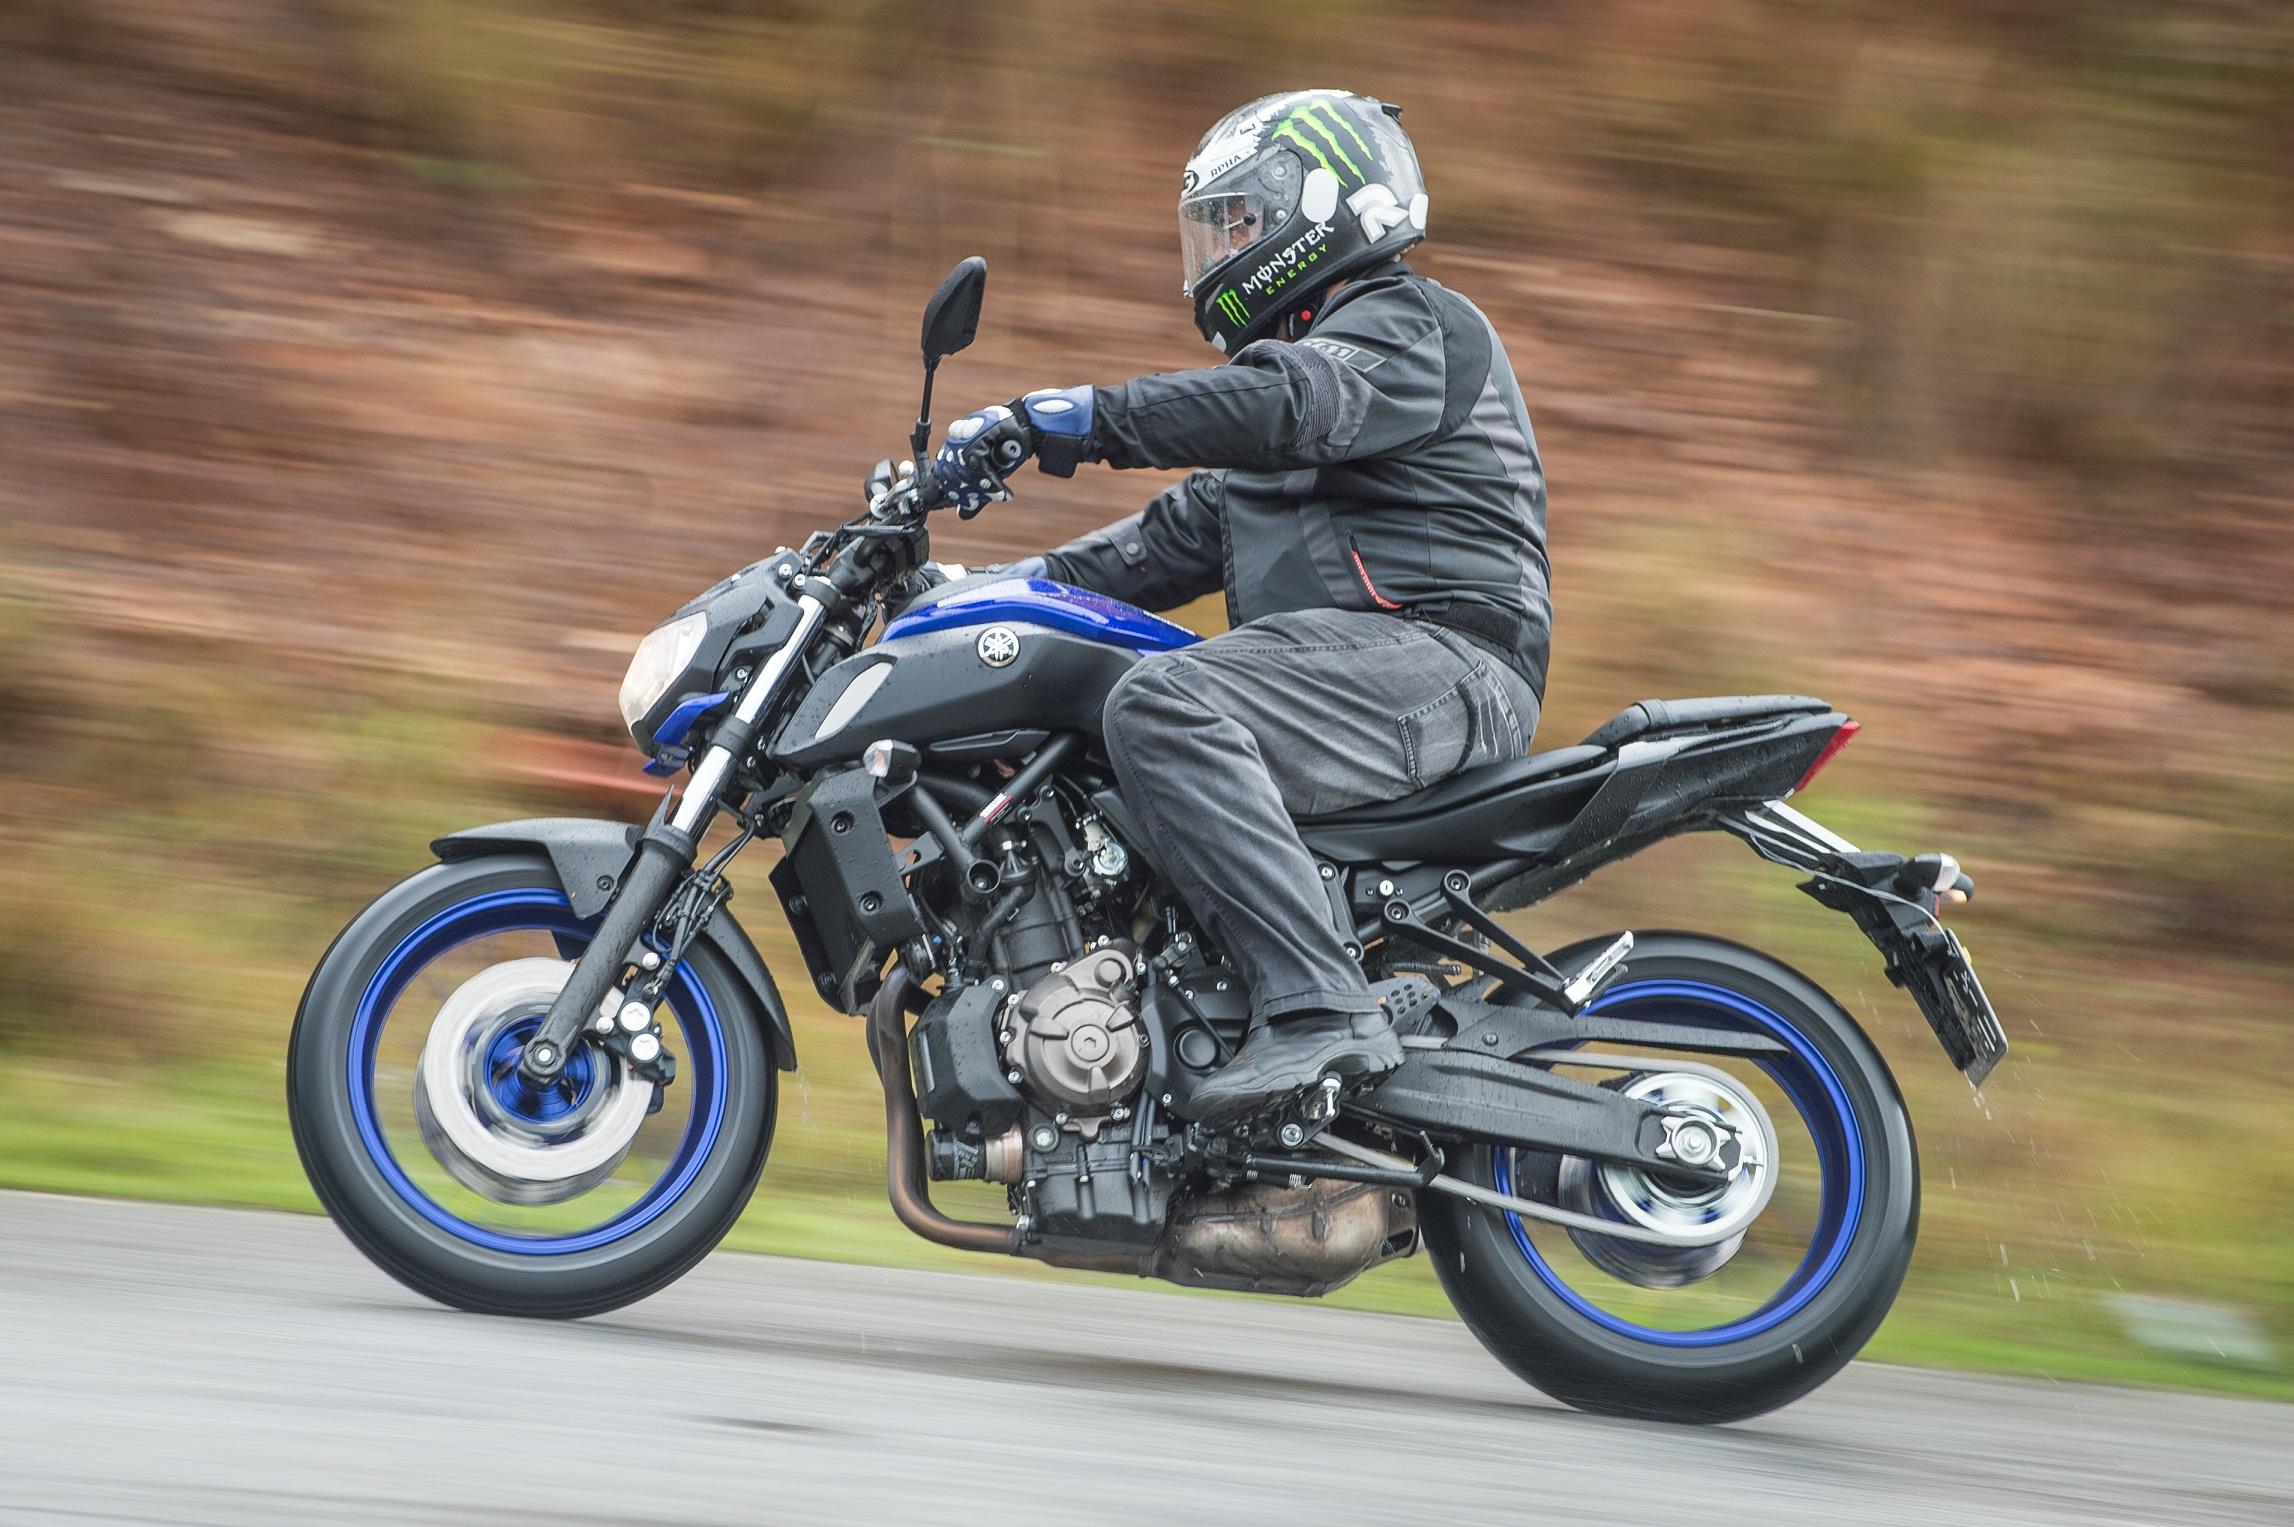 Yamaha MT-07 faz parte da família MT, que significa Máster of Torque, ou Mestre da Força